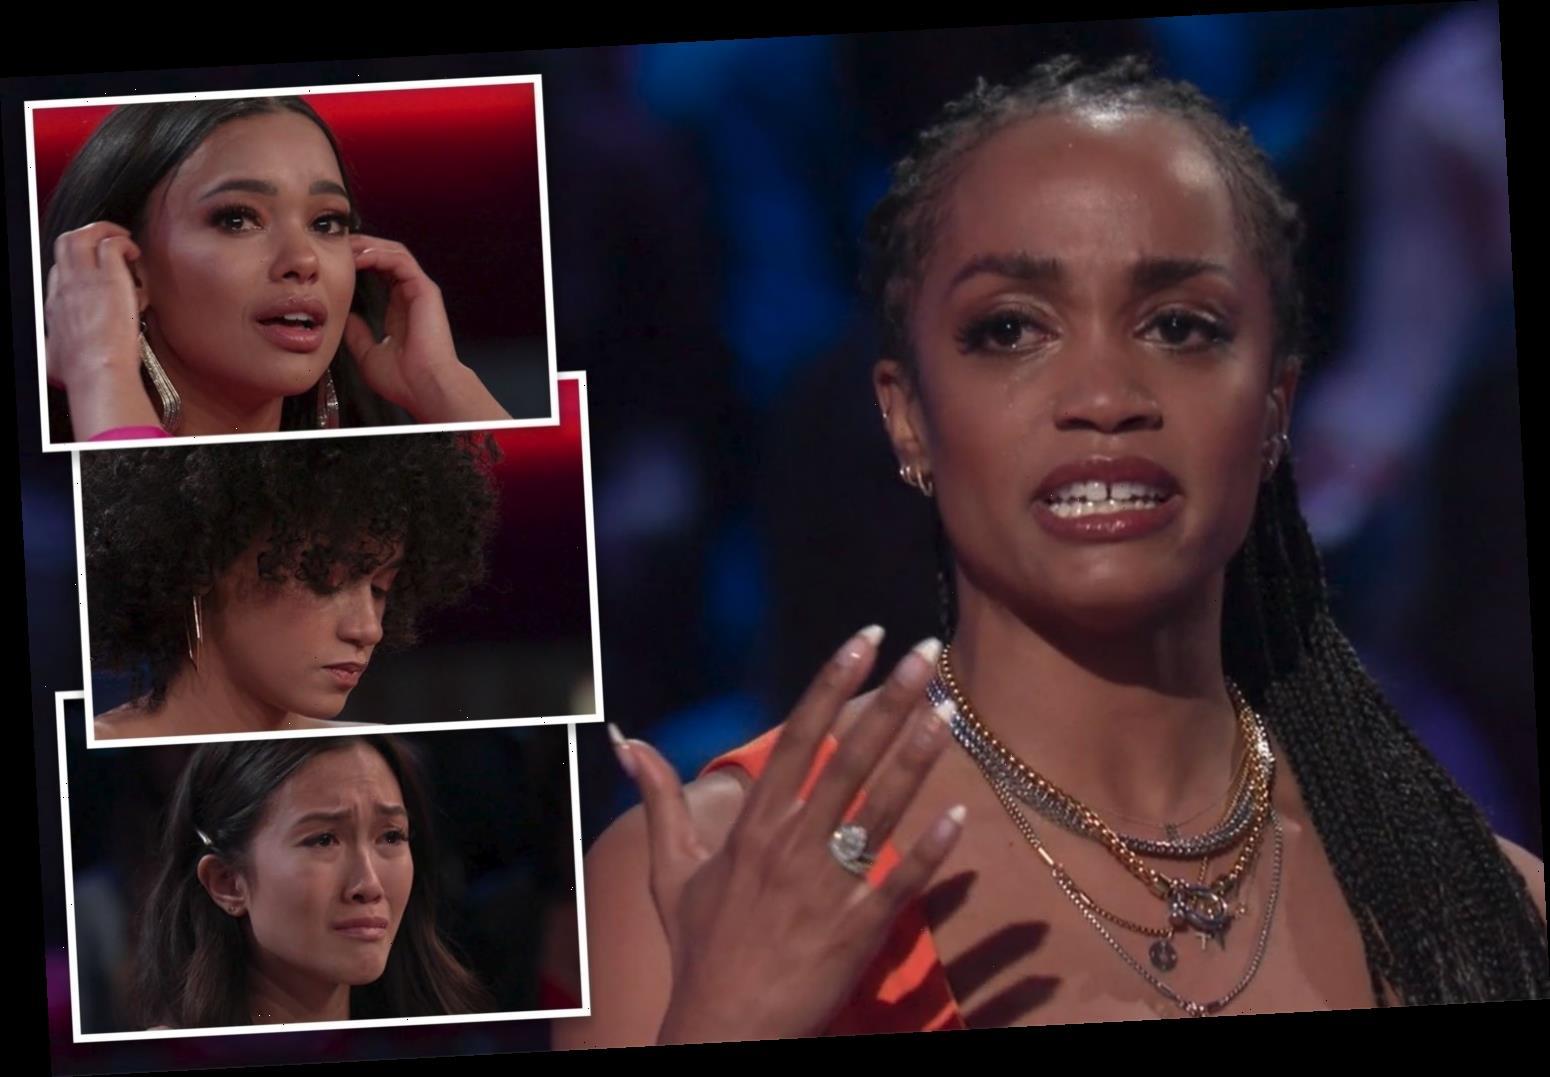 Bachelorette alum Rachel Lindsay in tears as she reads cruel trolls' racist social media attacks